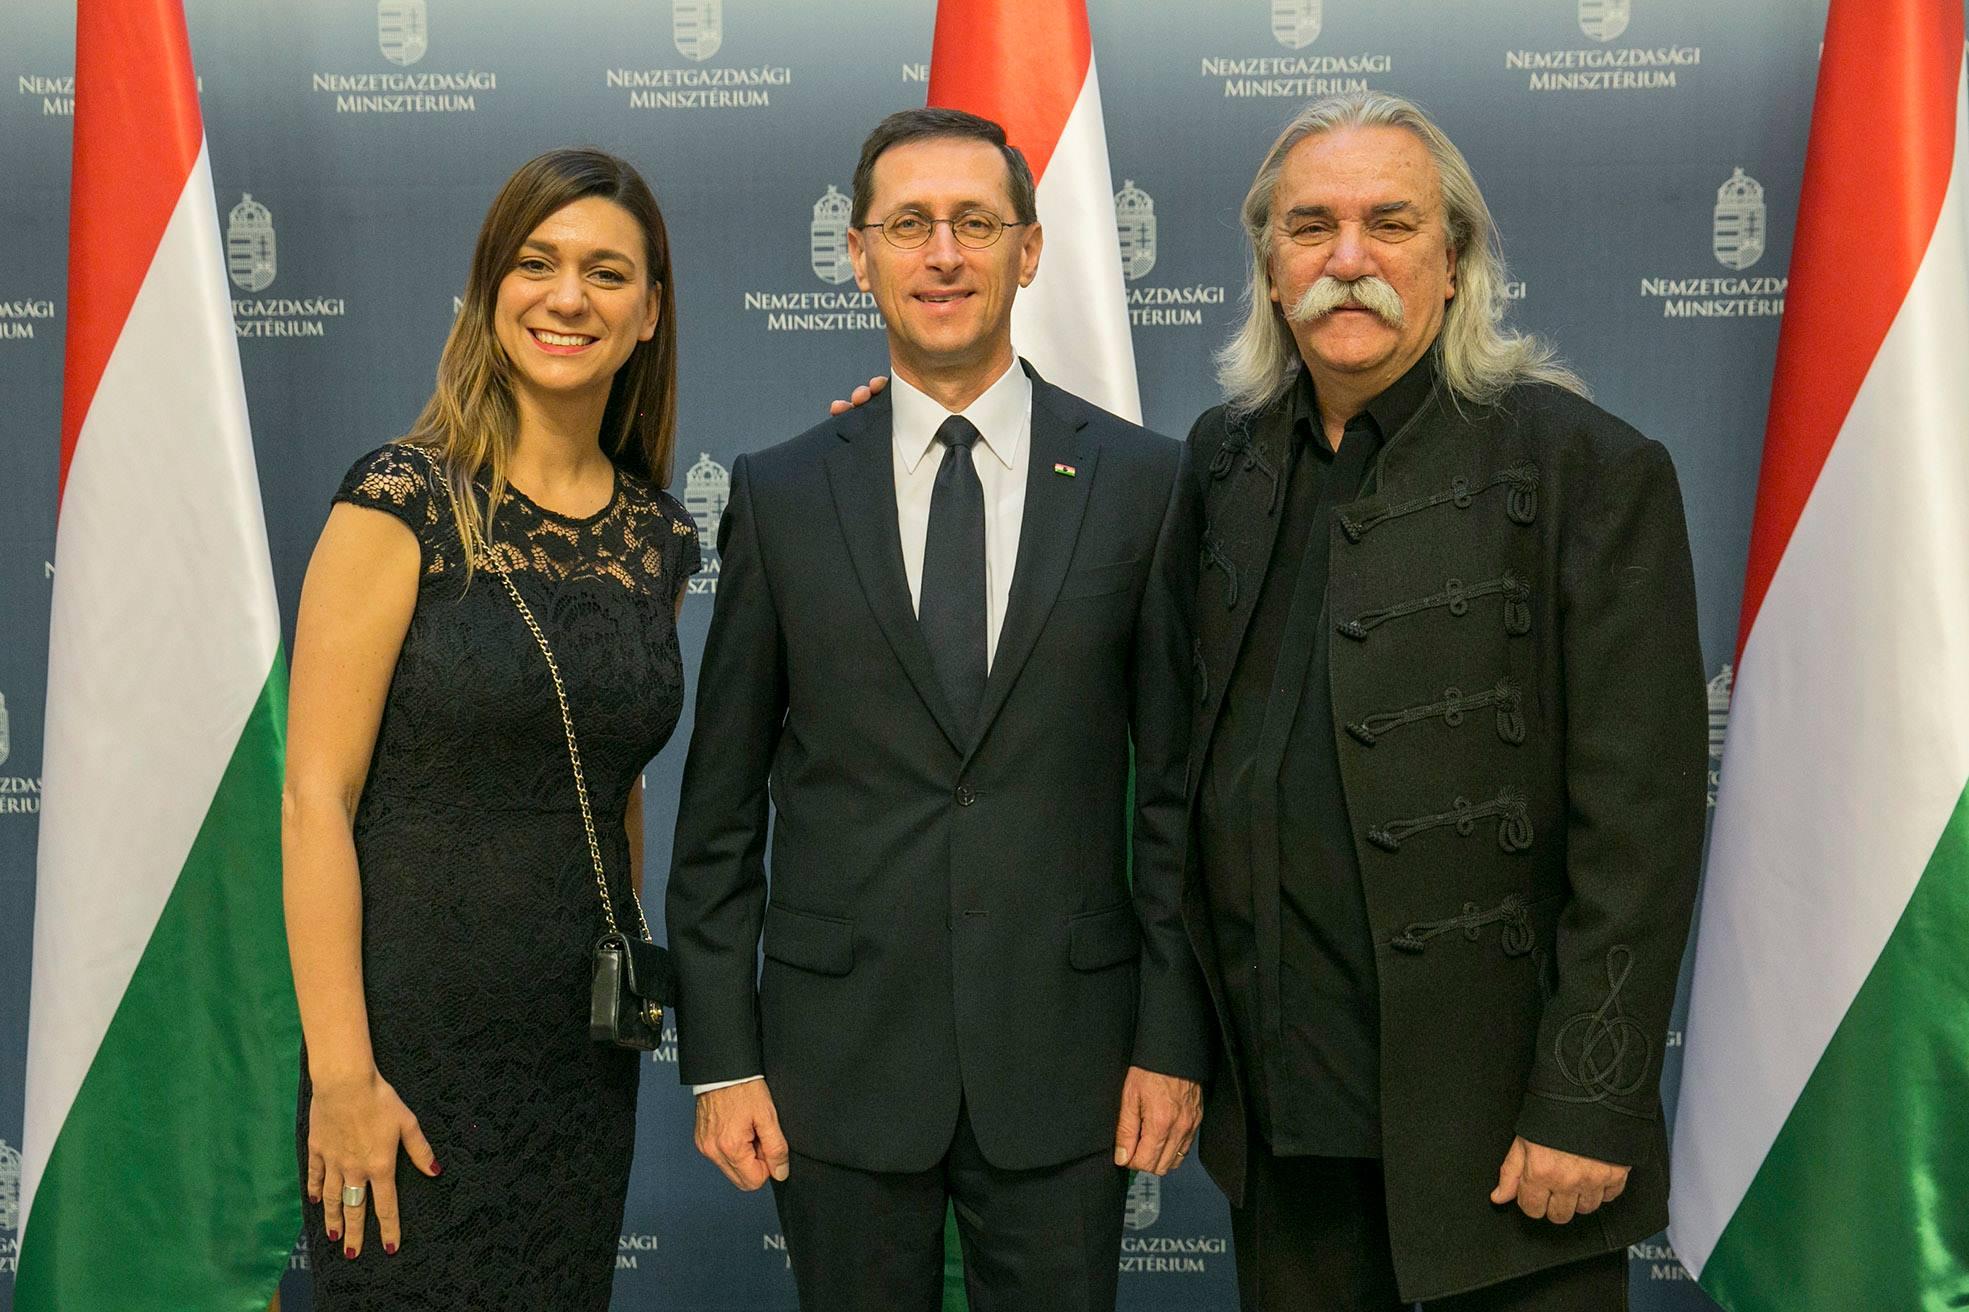 Varga Mihály szerint Schuster Lóránt azt csinálja, amitől a magyar gazdaság is működik